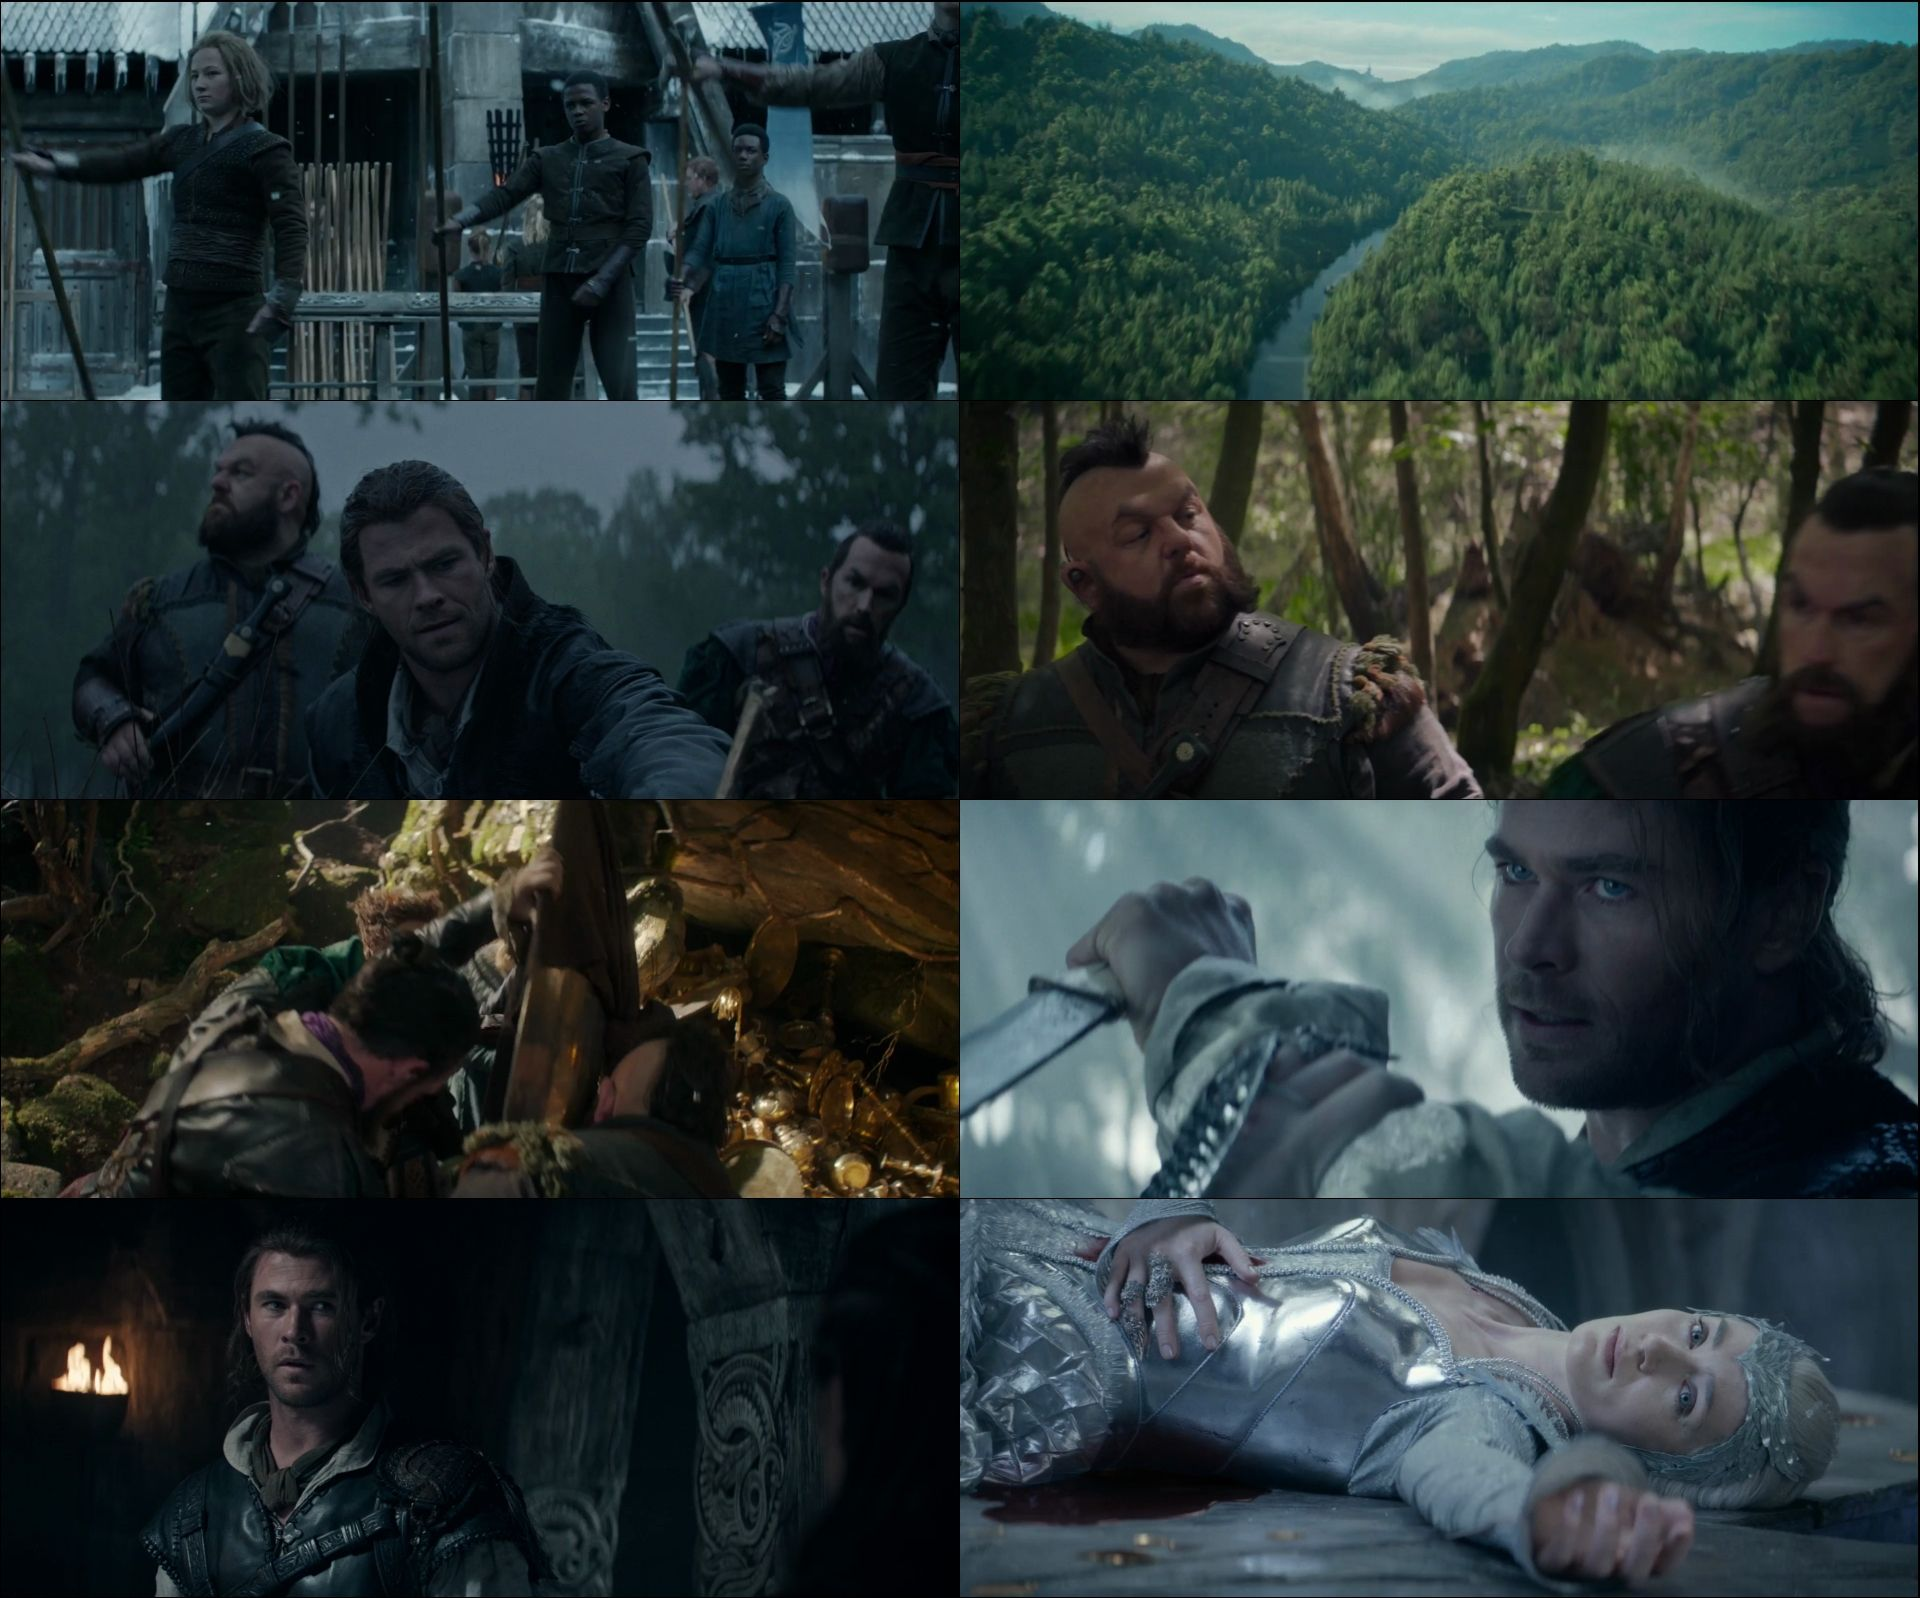 Avcı: Kış Savaşı - The Huntsman: Winter's War (2016) türkçe altyazılı film indir